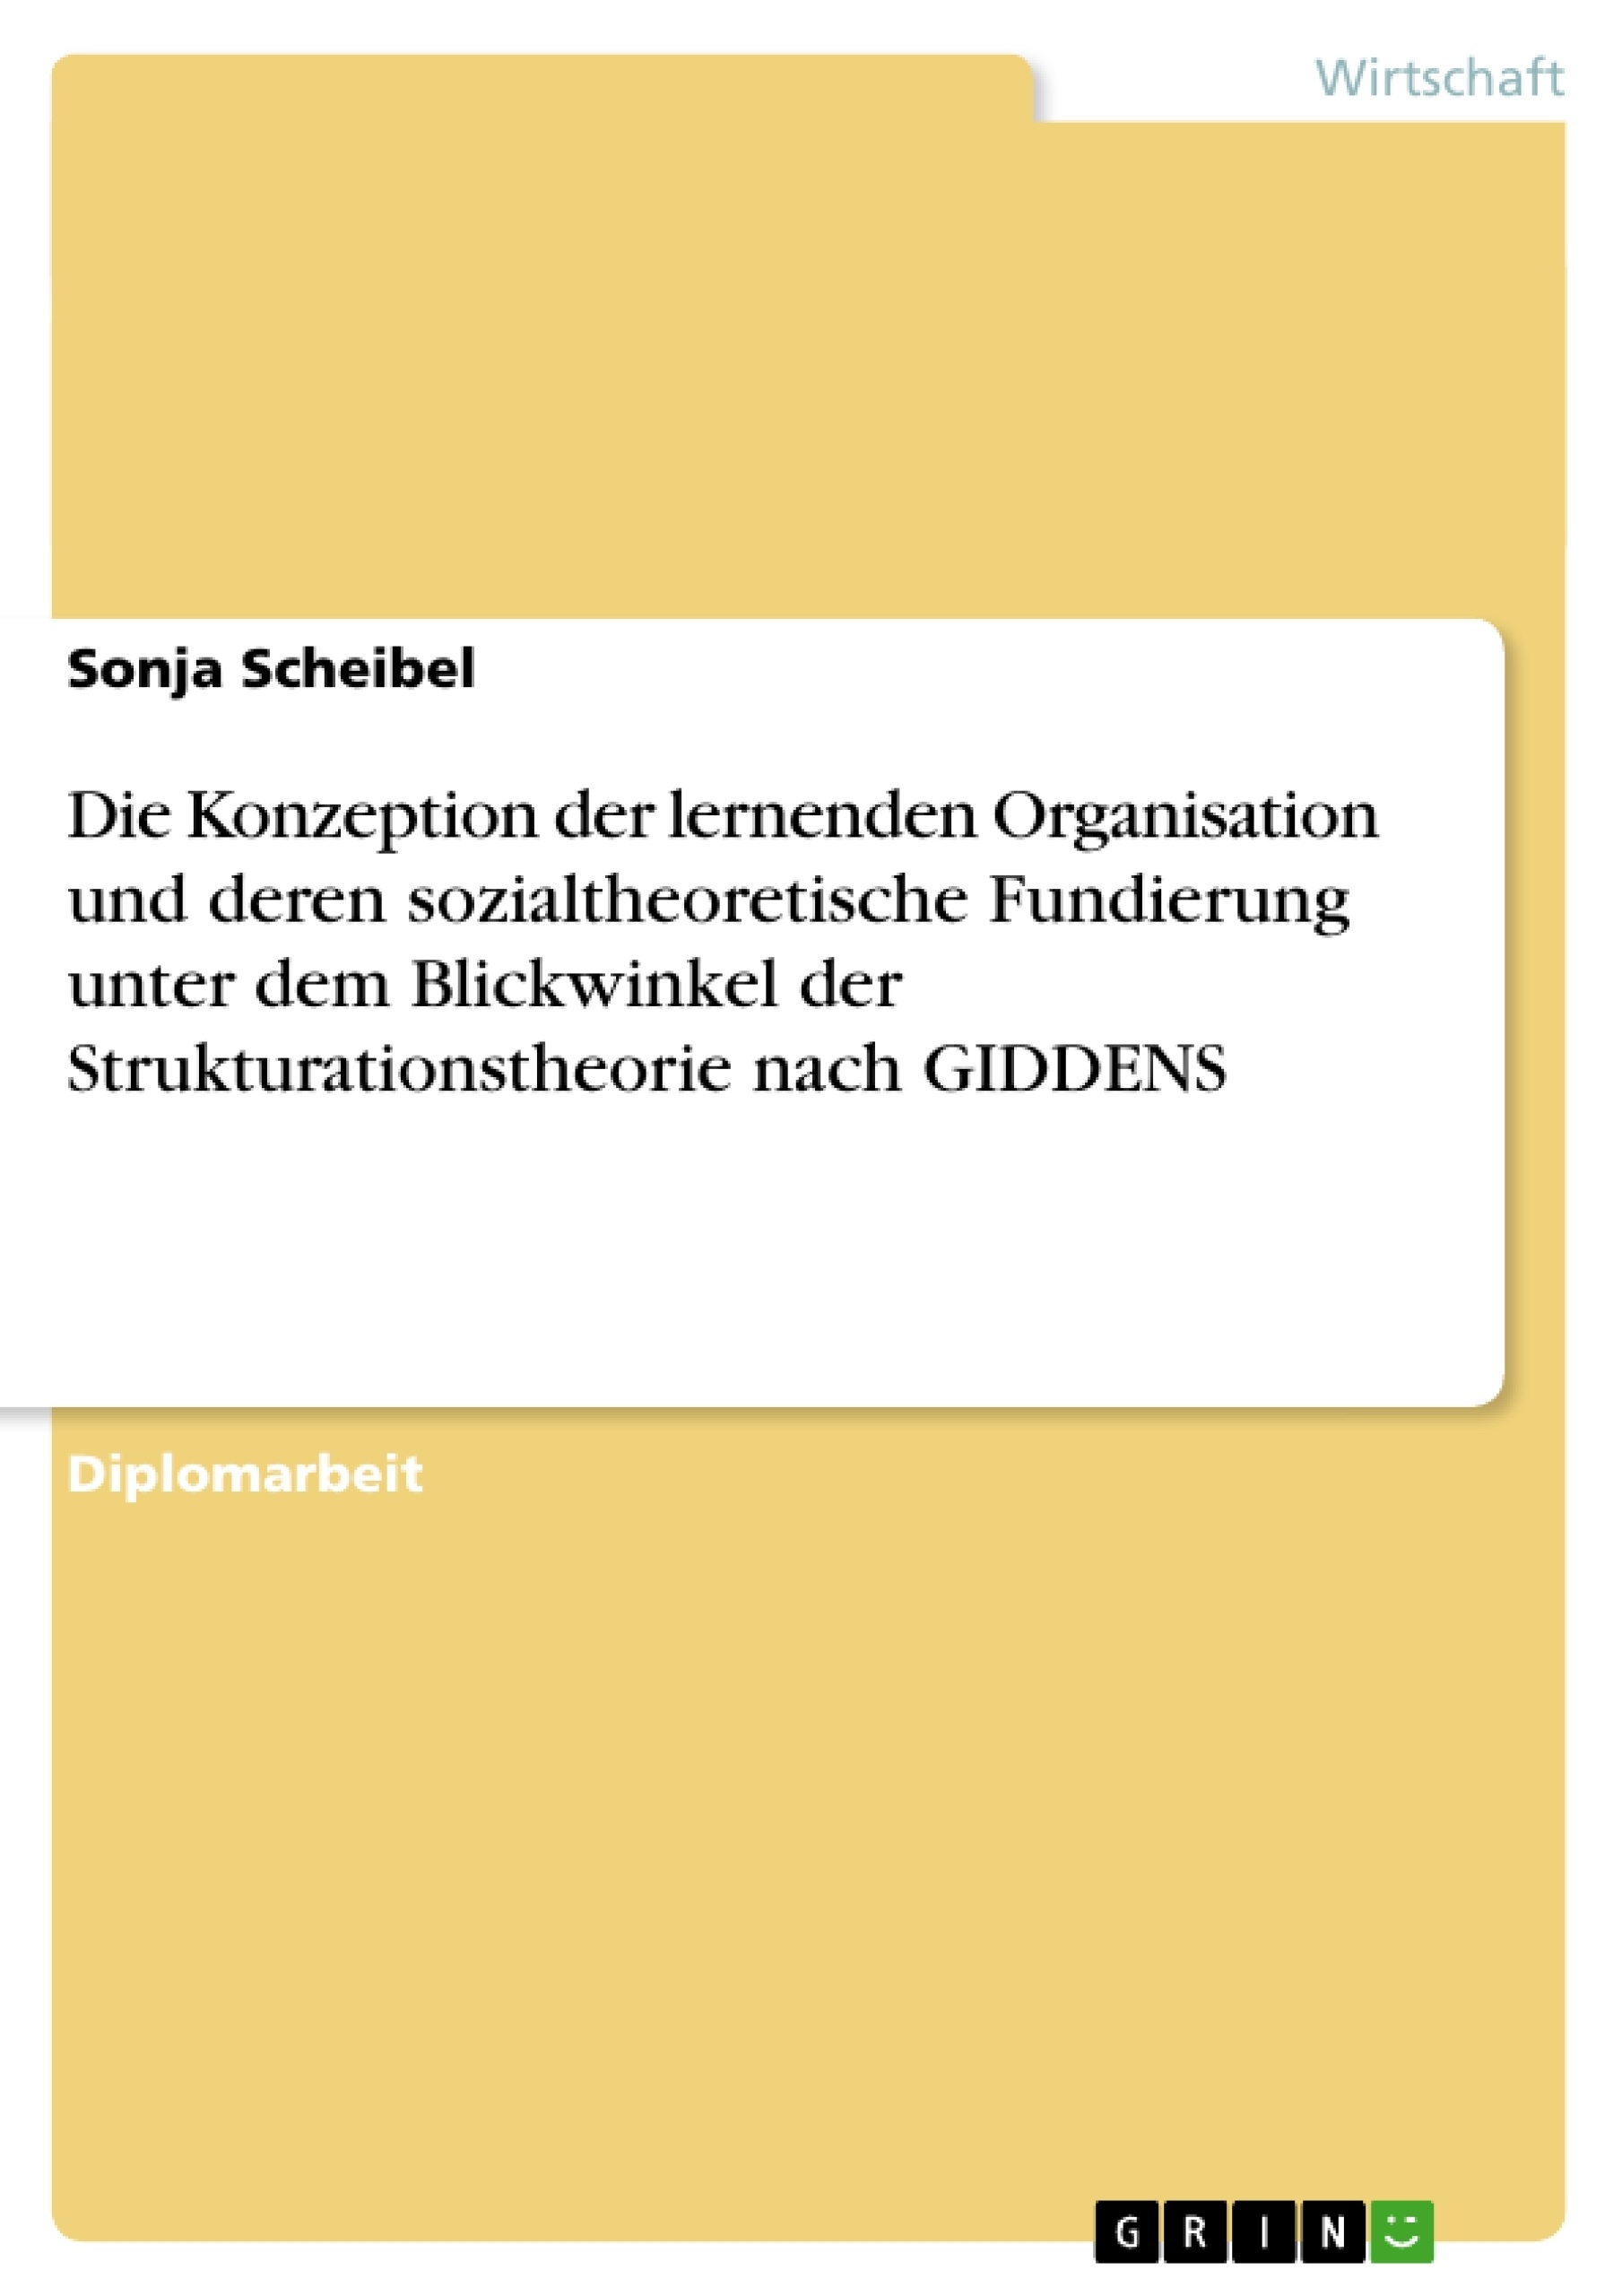 Titel: Die Konzeption der lernenden Organisation und deren sozialtheoretische Fundierung unter dem Blickwinkel der Strukturationstheorie nach GIDDENS